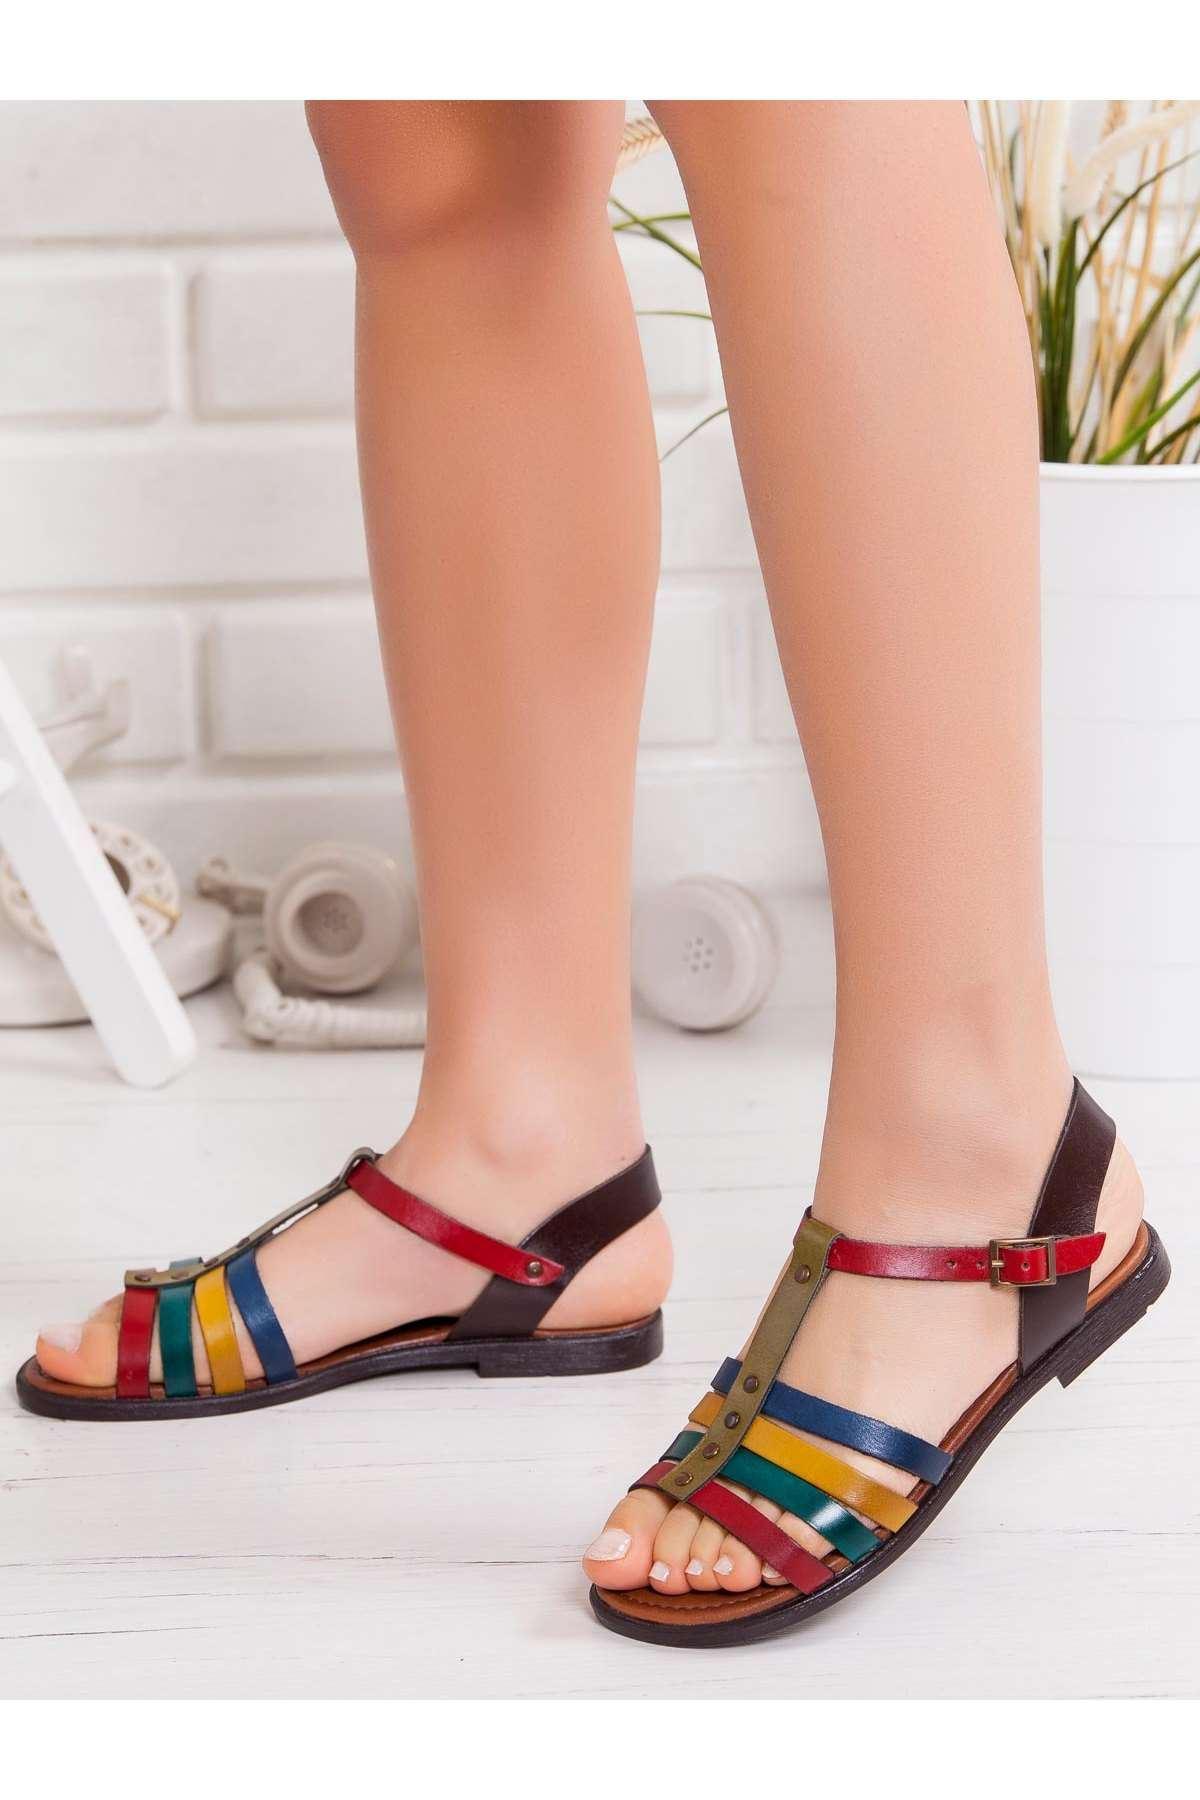 Noxx Hakiki Deri Sandalet MİX